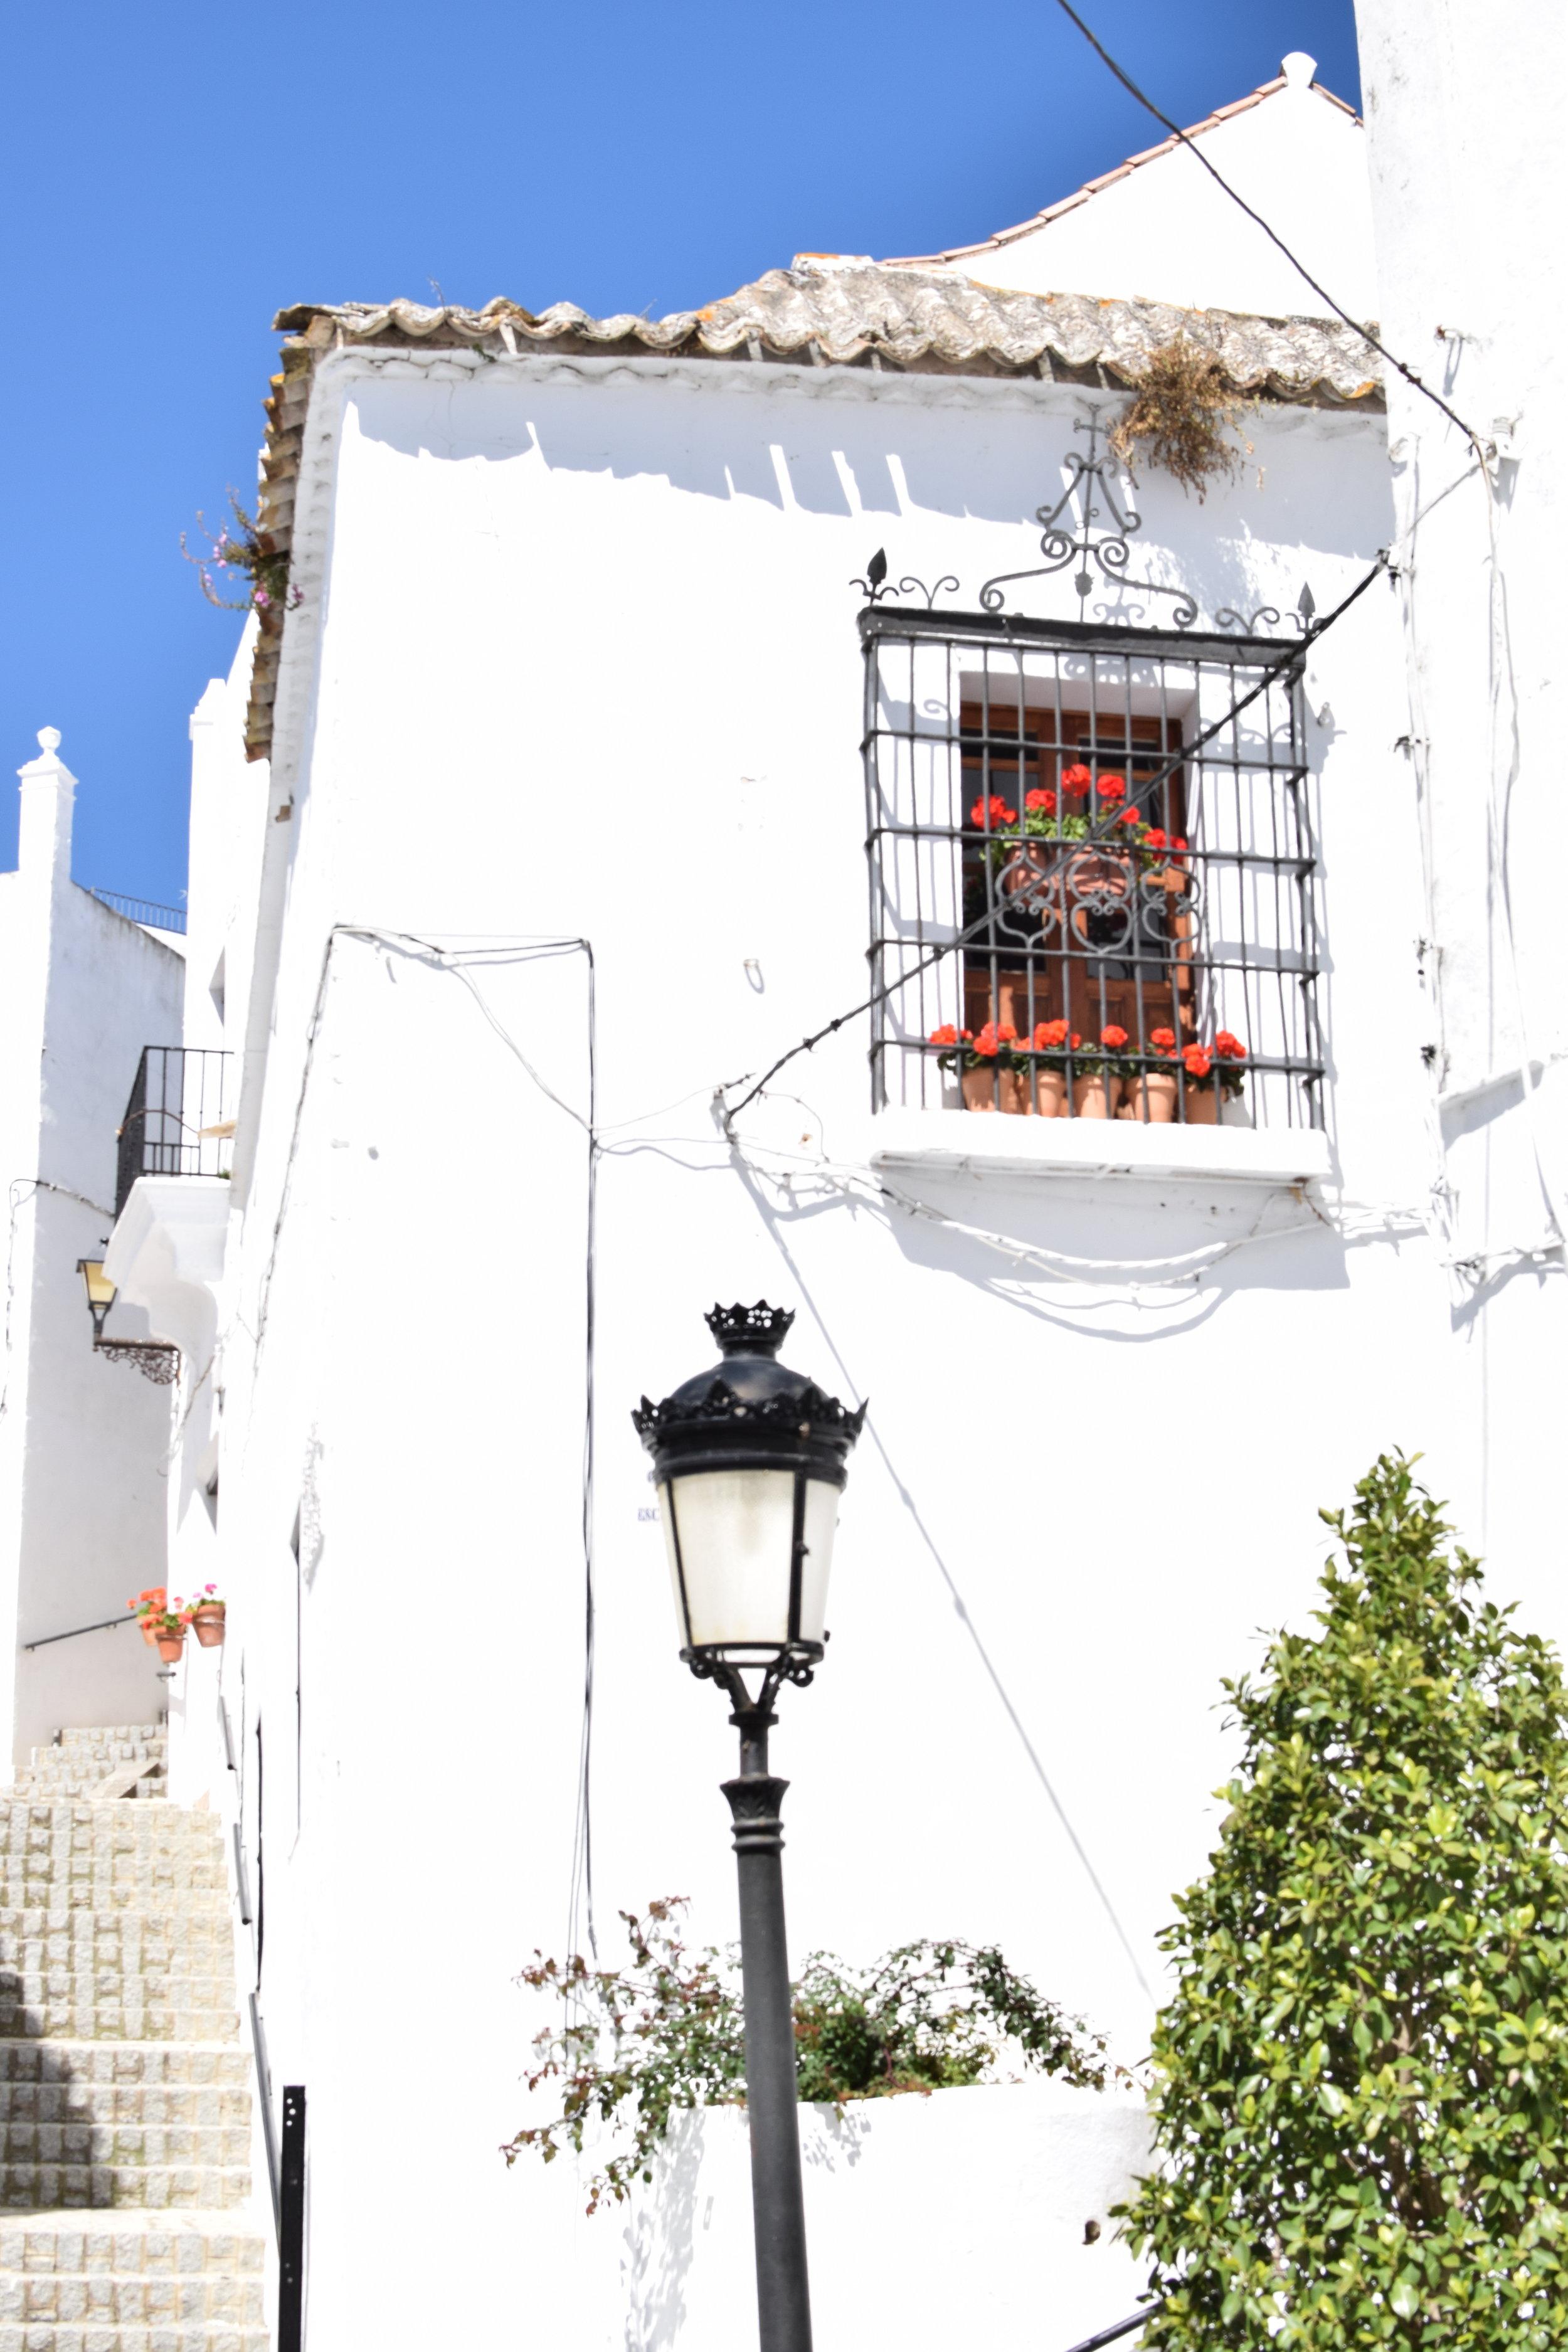 Vejer-de-la-frontera-house.jpg